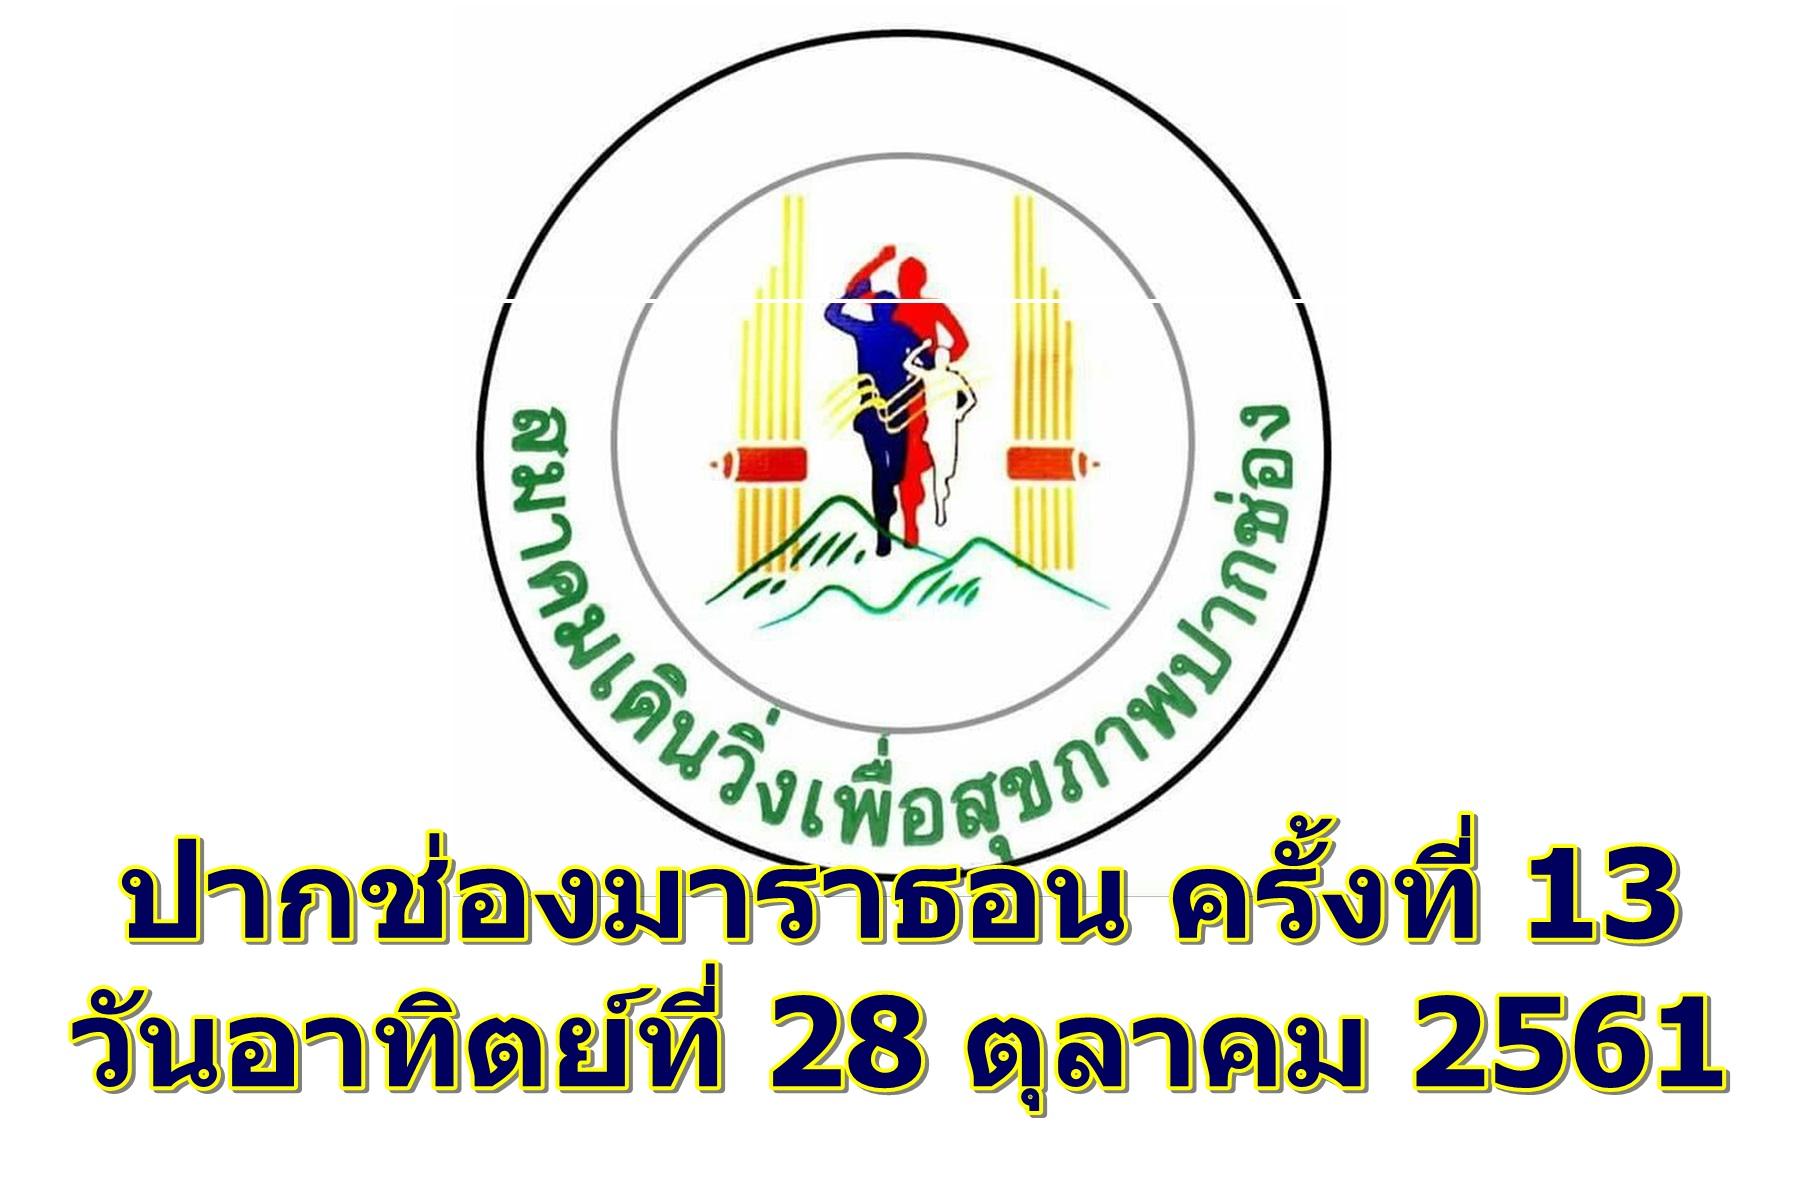 ปากช่องมาราธอน 2561 ครั้งที่ 13 ณ สวนสาธารณะเขาแคน